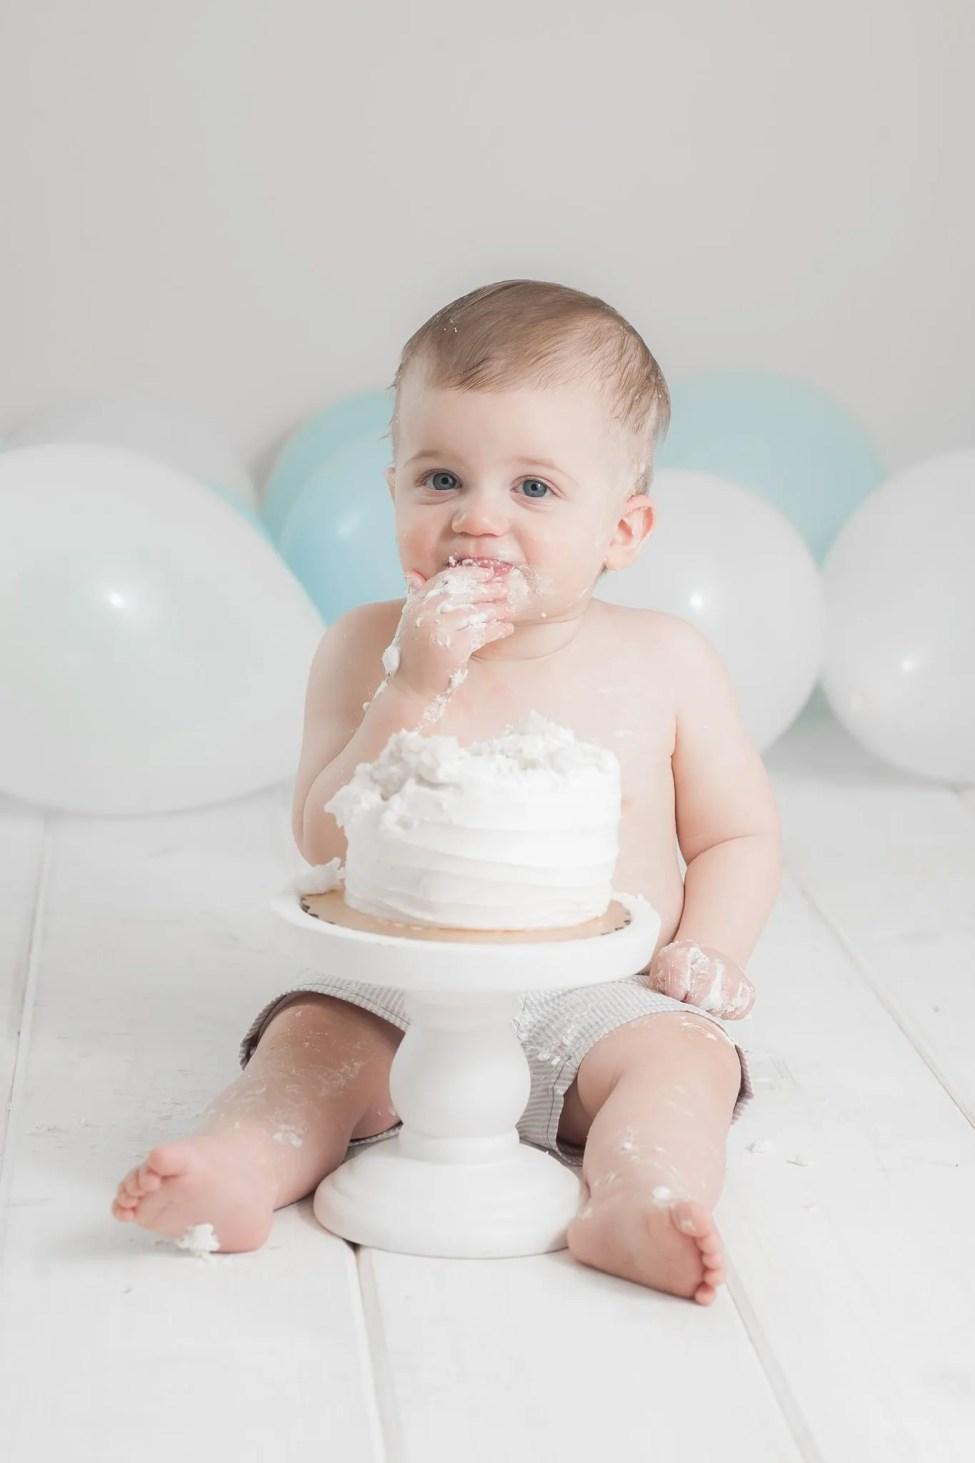 Cake Smash | ONE year | Hudson, OH Photography